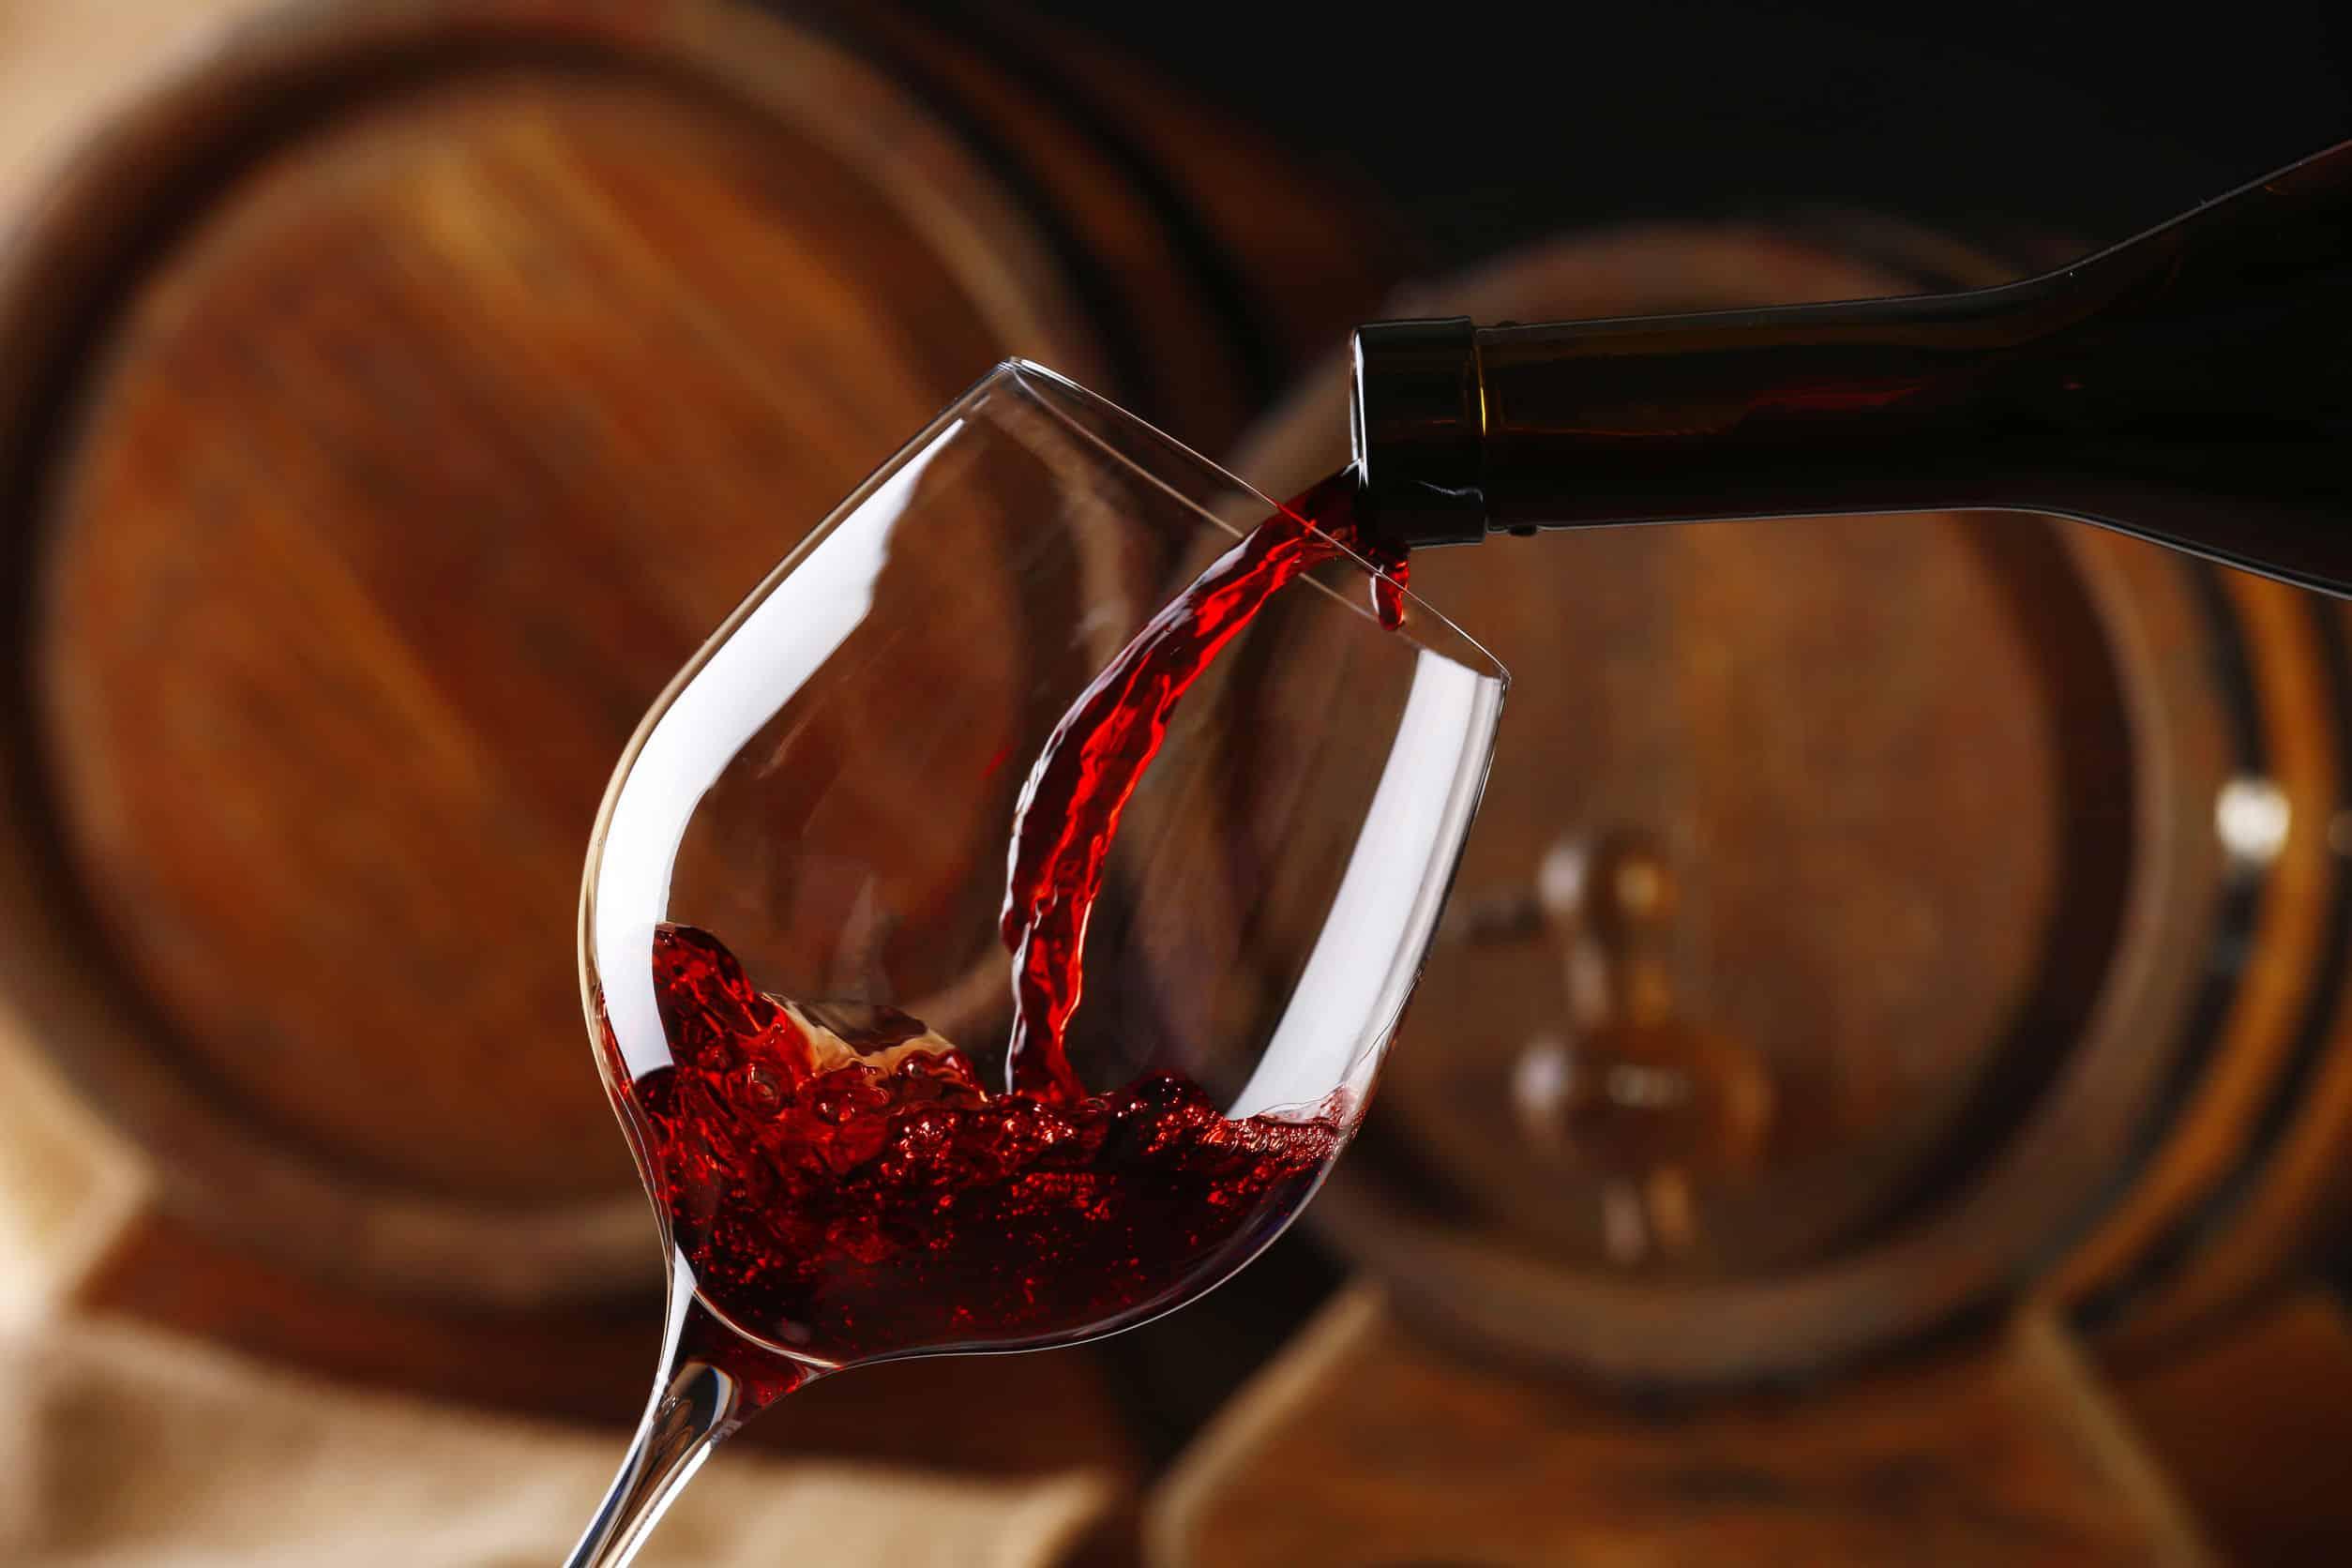 Alkoholfreier Wein: Ist wirklich kein Alkohol enthalten?